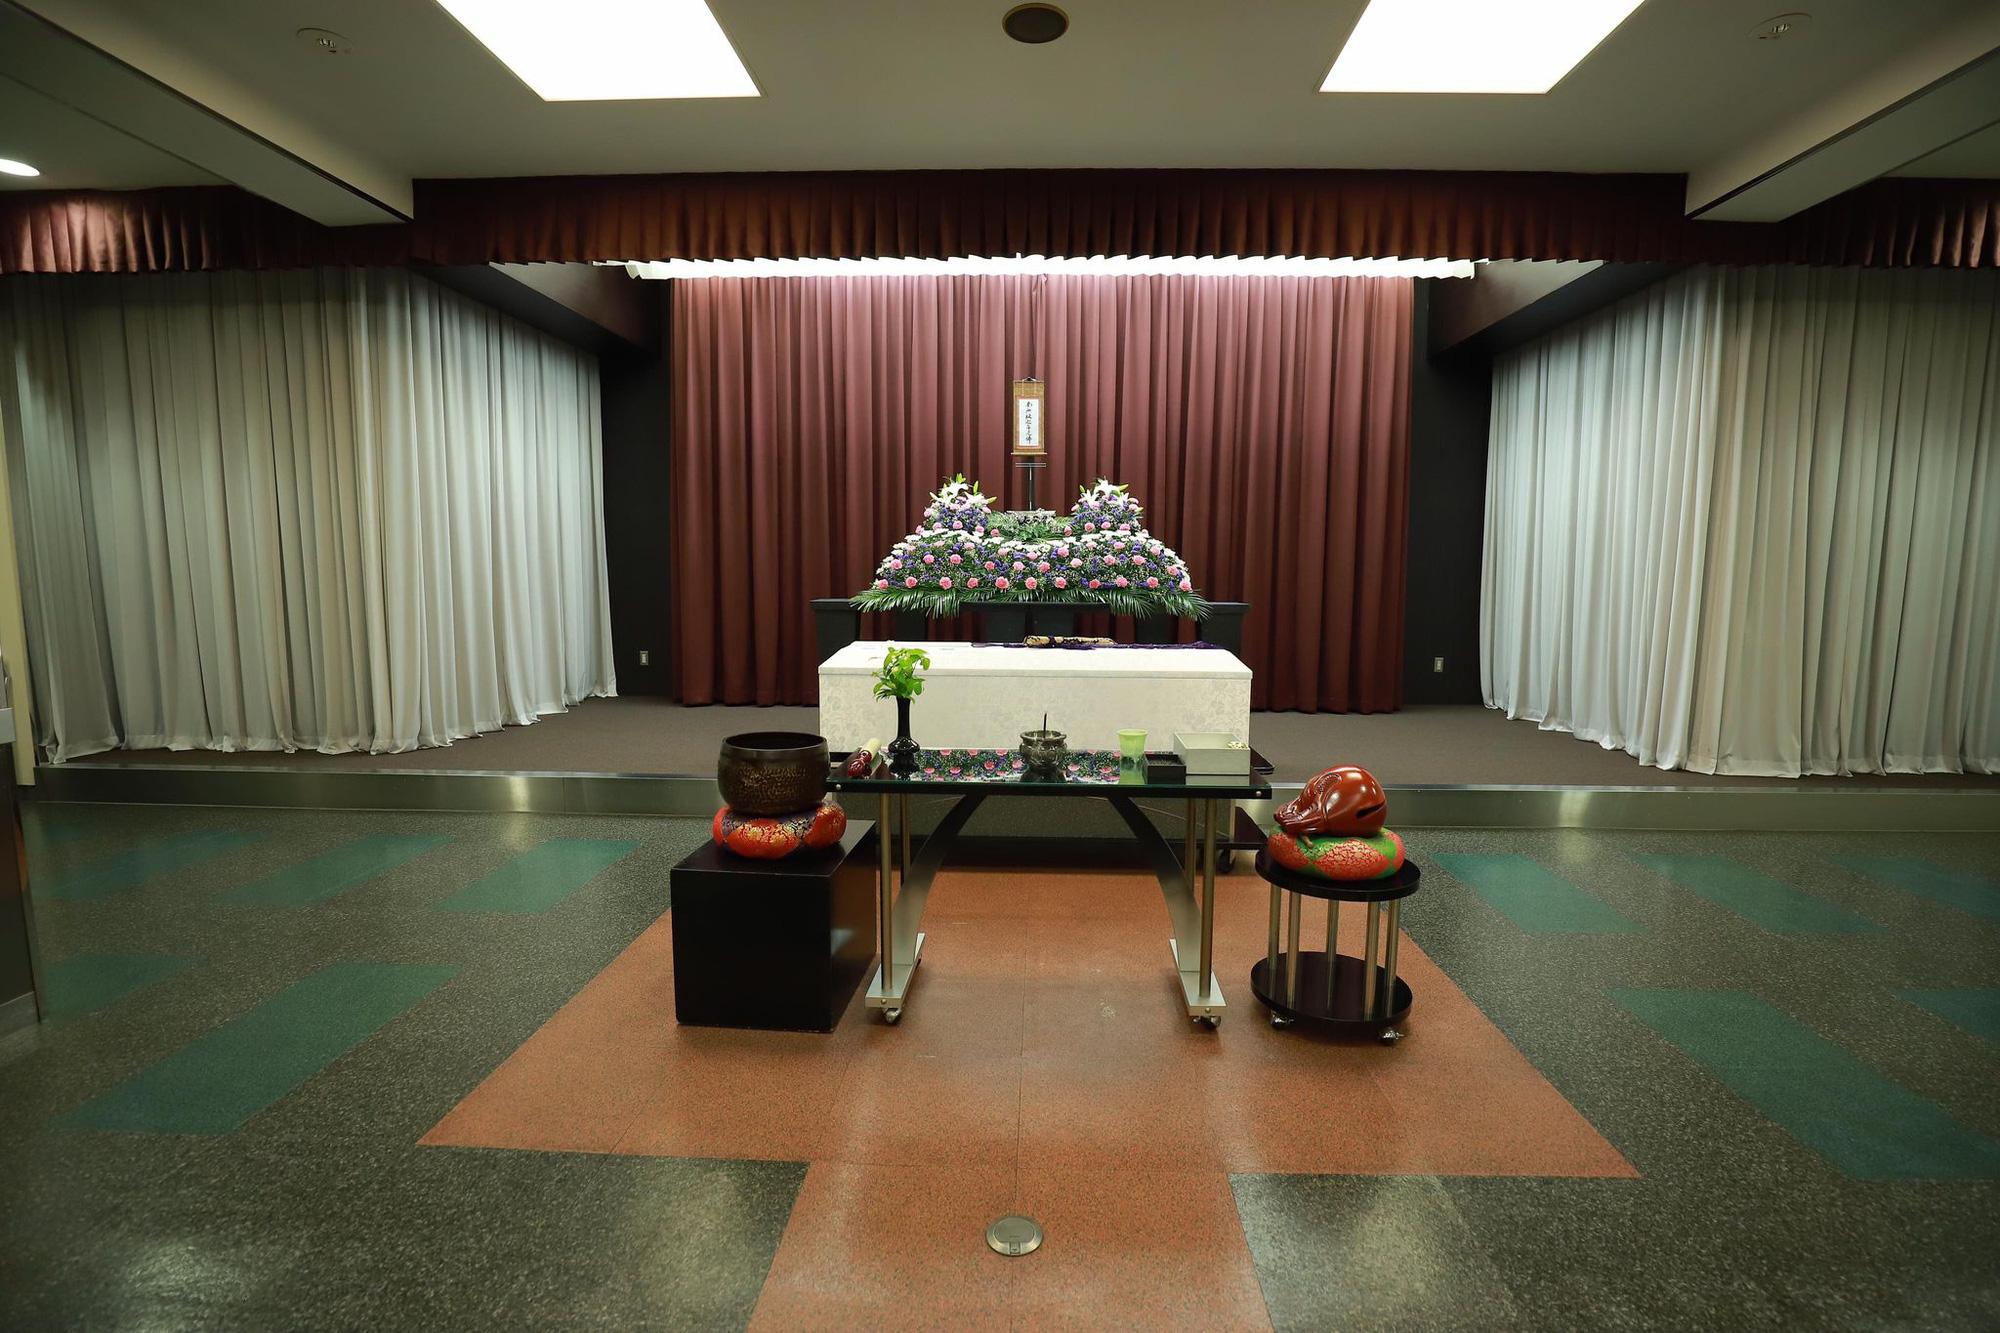 Xúc động cảnh bên trong buổi tang lễ của nam du học sinh Việt tử vong tại Nhật, hoa và mọi thứ đã đầy đủ, chỉ mong sớm được gặp người thân vào lúc này-2